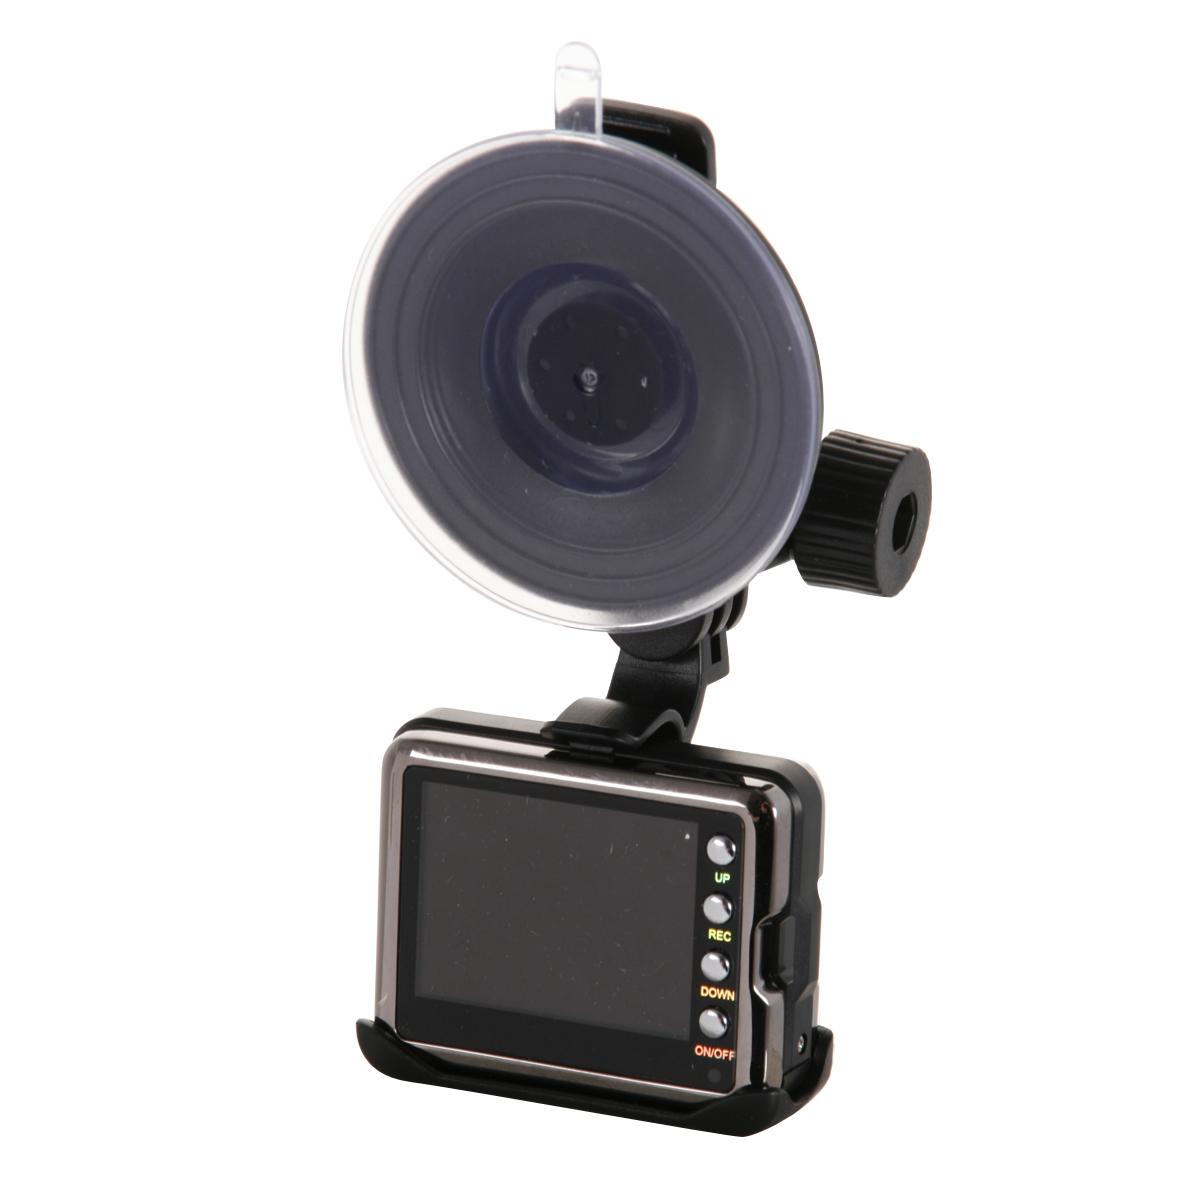 Отзывы покупателей о видеорегистратор supra scr-700 dns технопоинт.